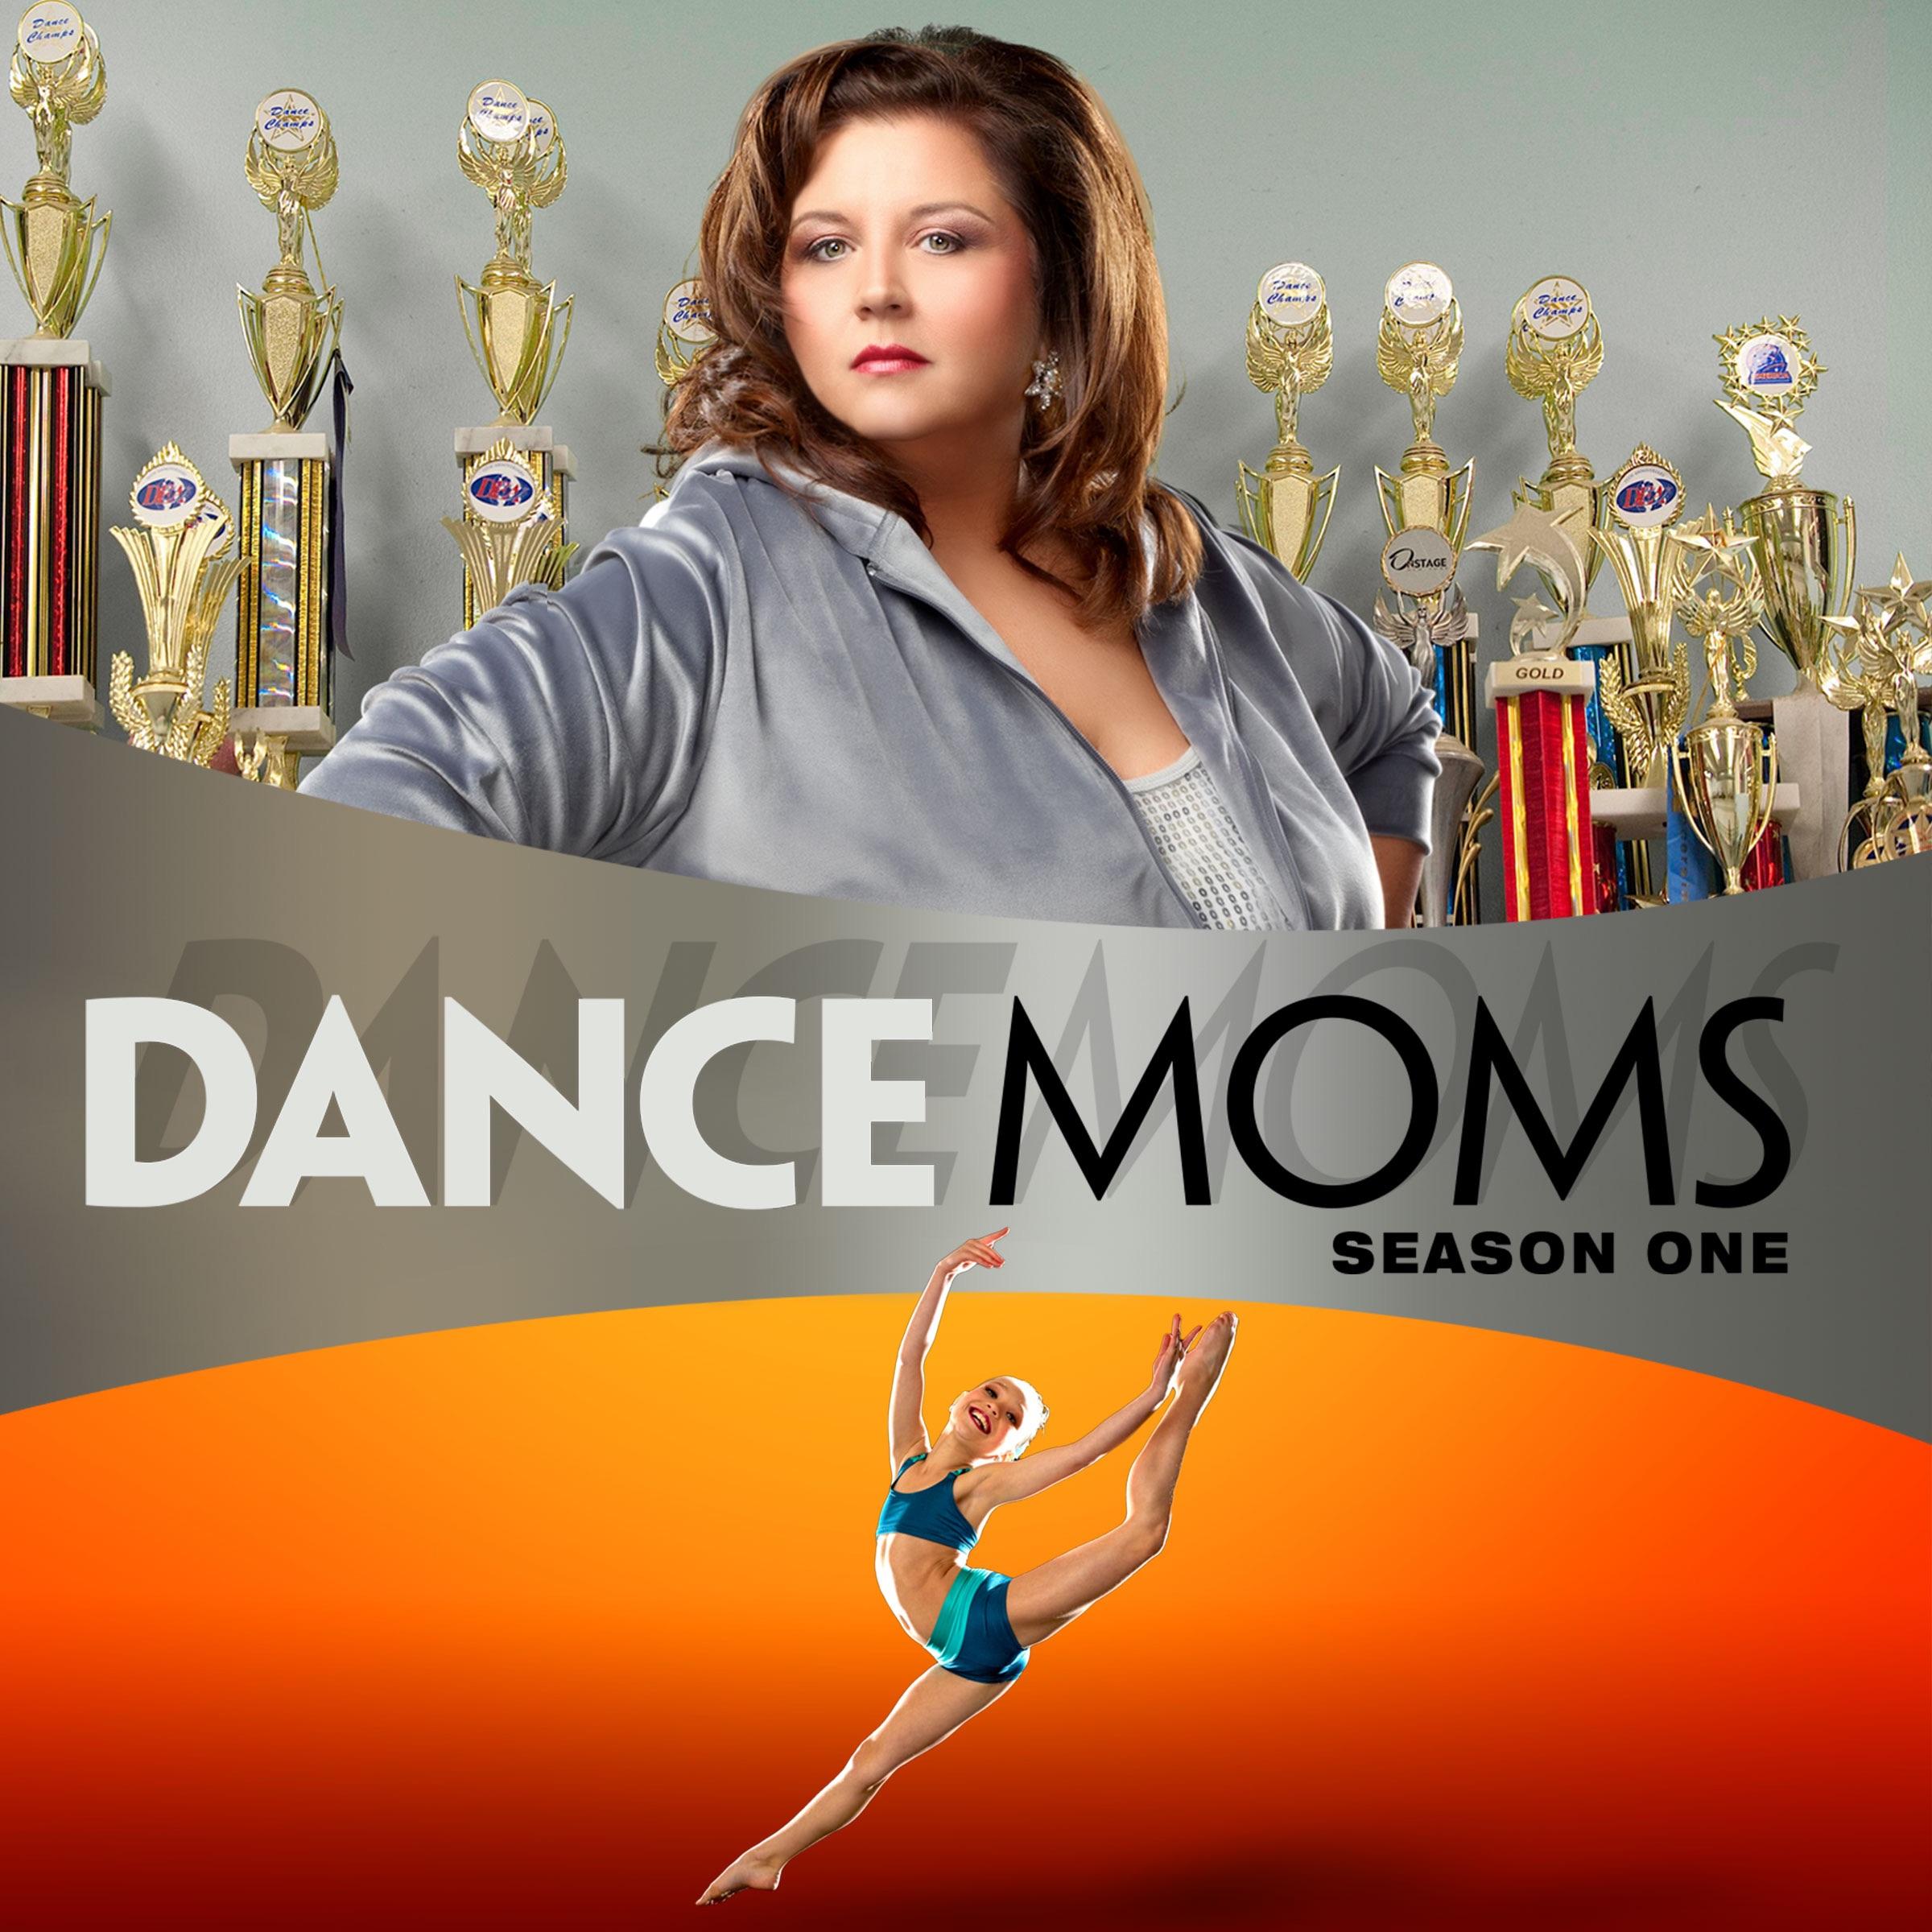 Dance moms season 1 on itunes